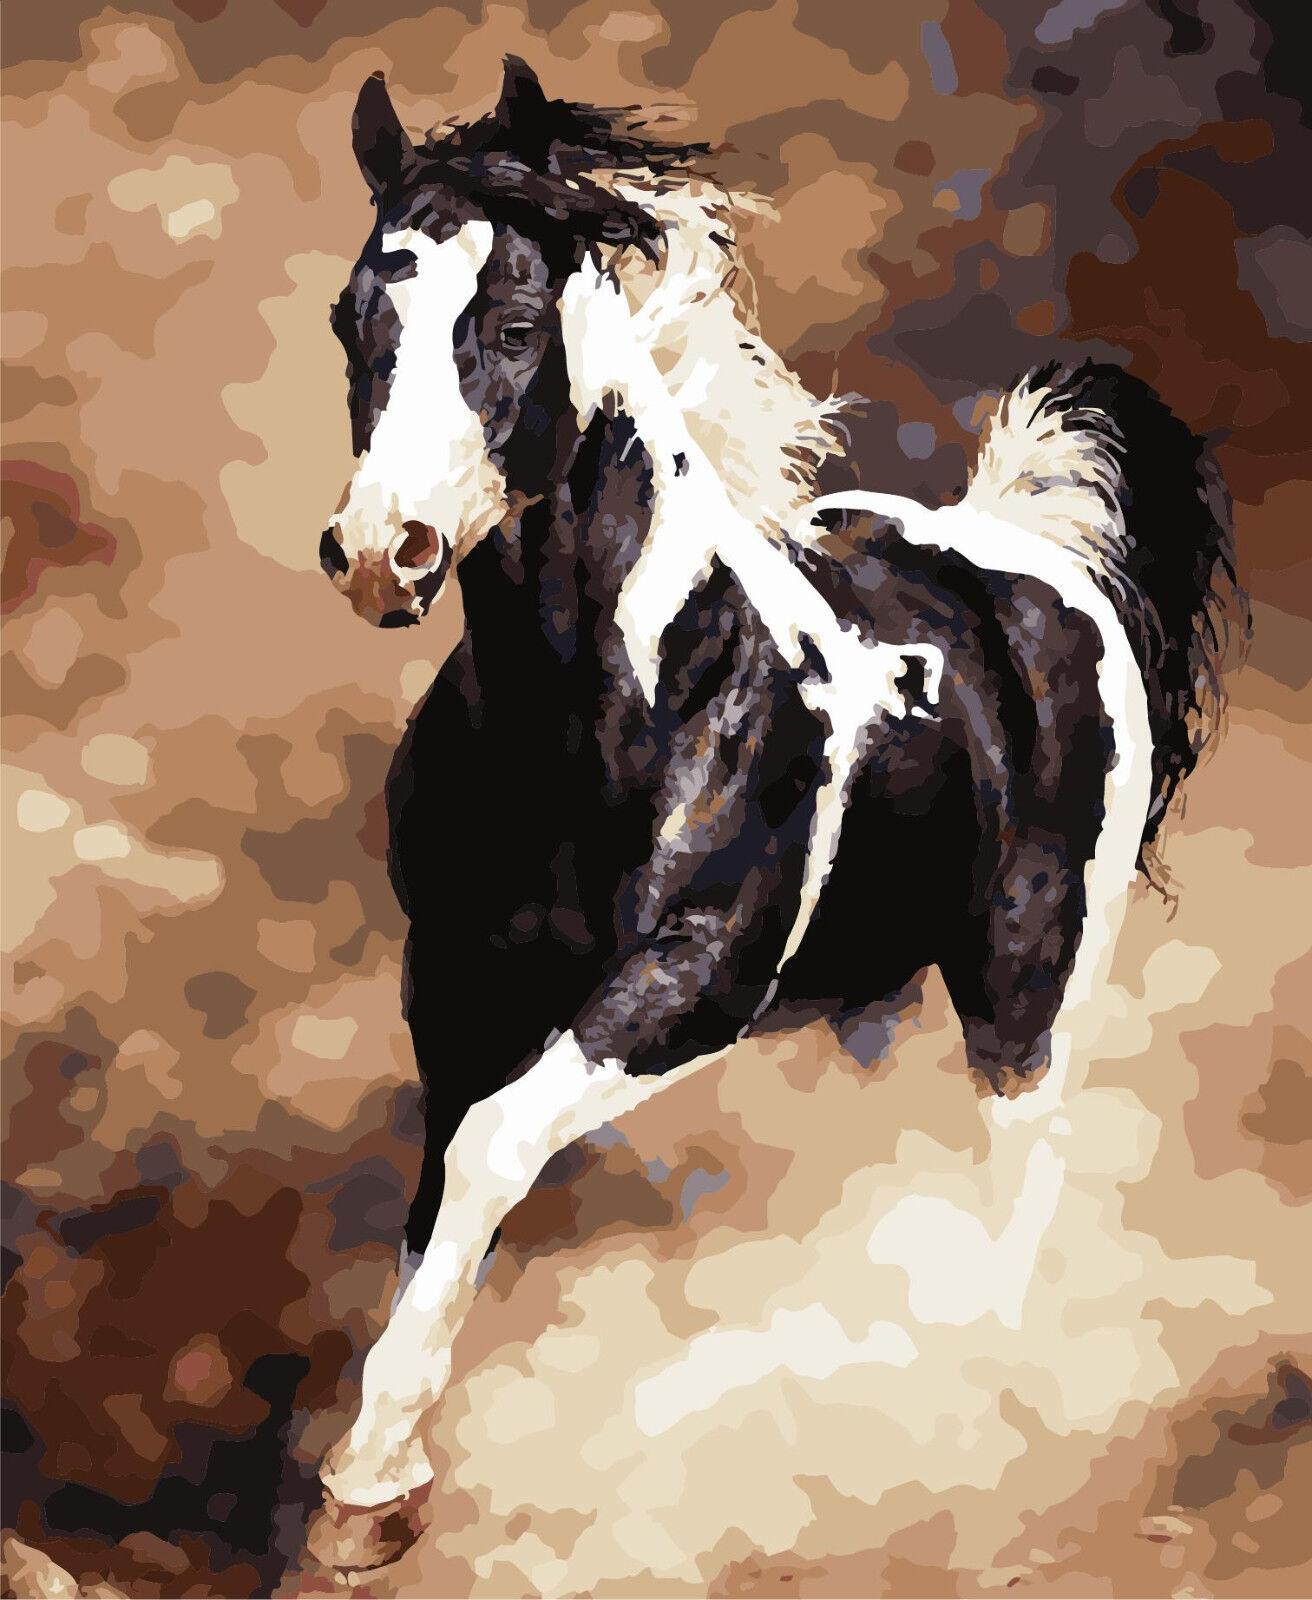 Das Pferd laufen 40x50cm Malen Zahlen DIY Malerei Zimmer Dekor Rahmenlos 637